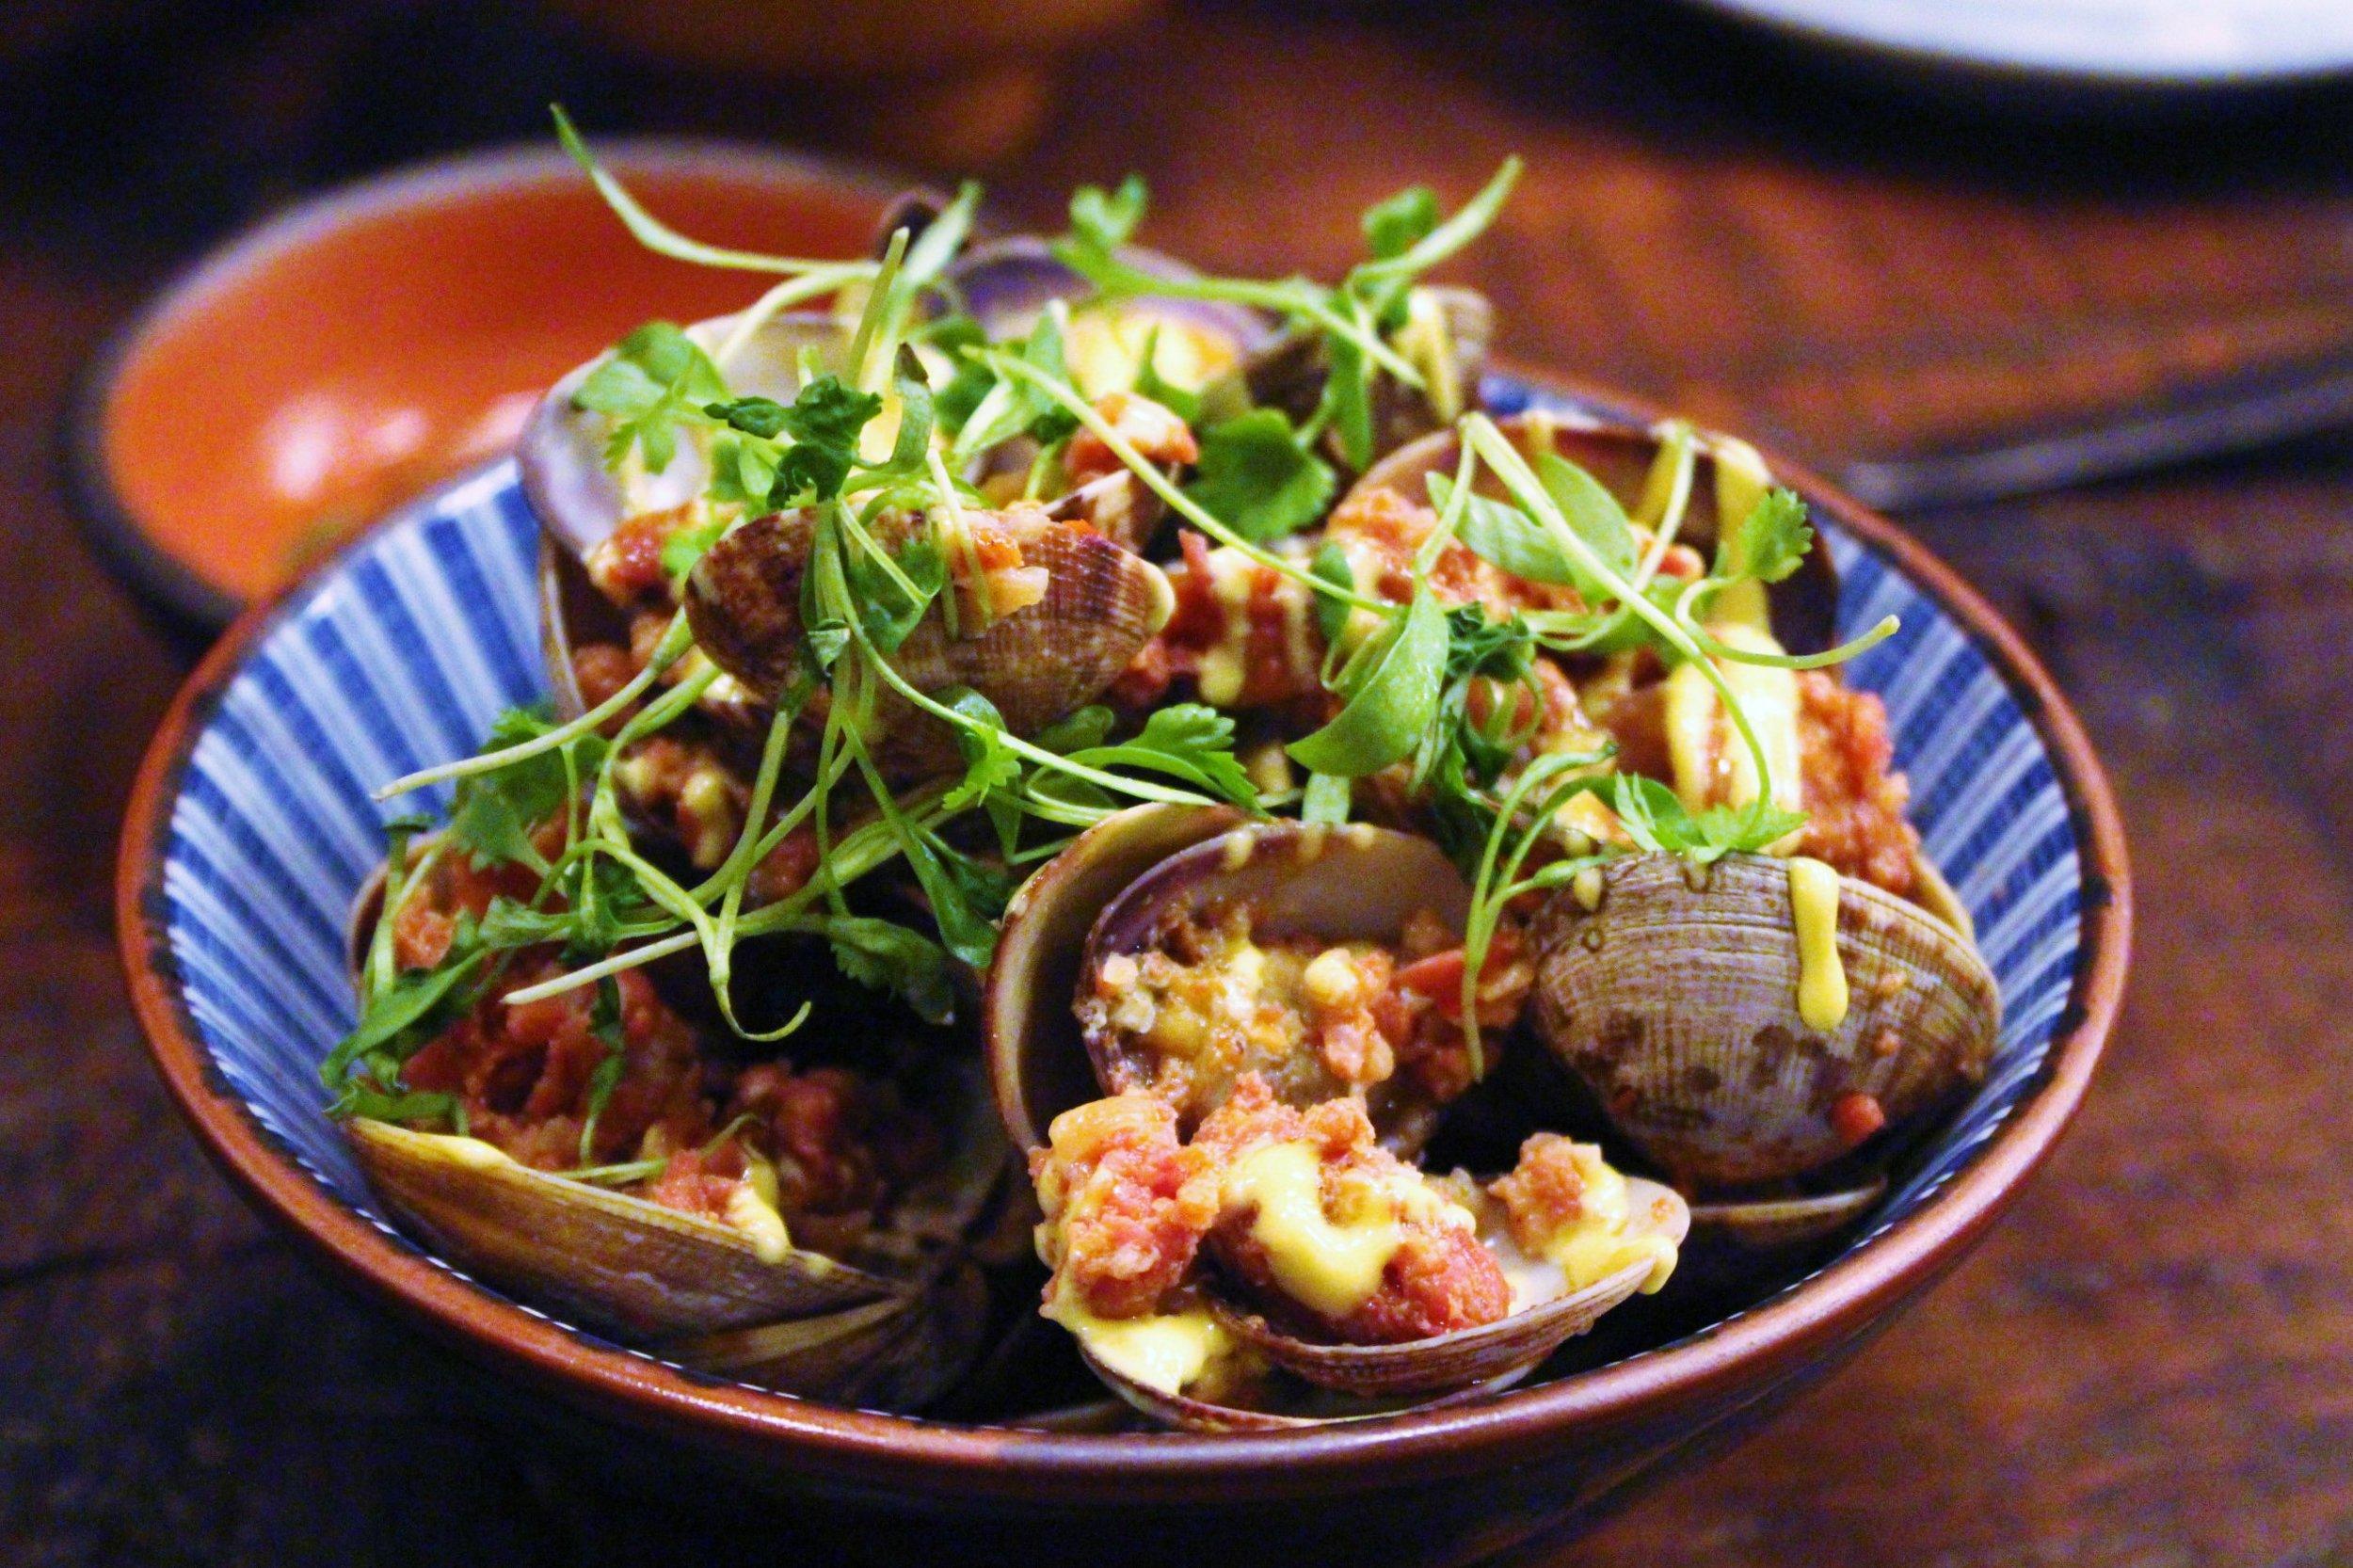 Clams: Chorizo, Garlic, Saffron Aioli, Lemon Zest, Butter with Mu Dipping Sauce at Mu Ramen